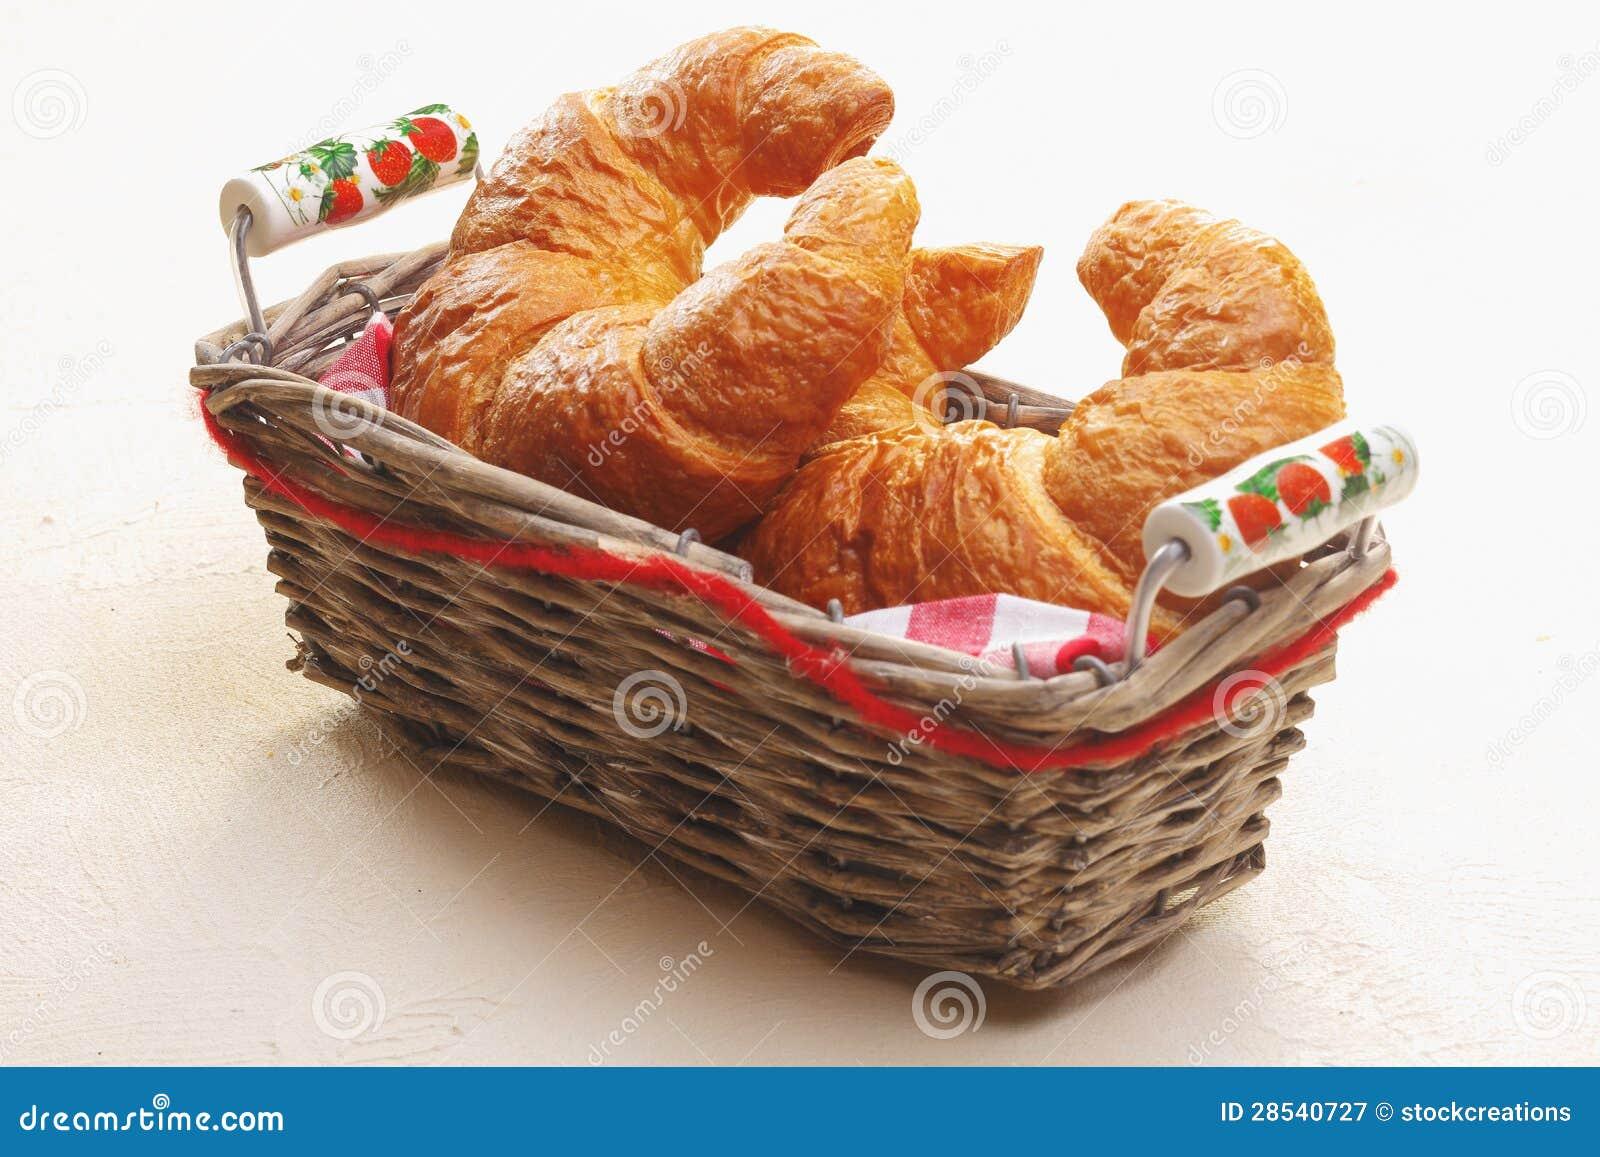 http://thumbs.dreamstime.com/z/panier-des-croissants-frais-cuits-au-four-28540727.jpg